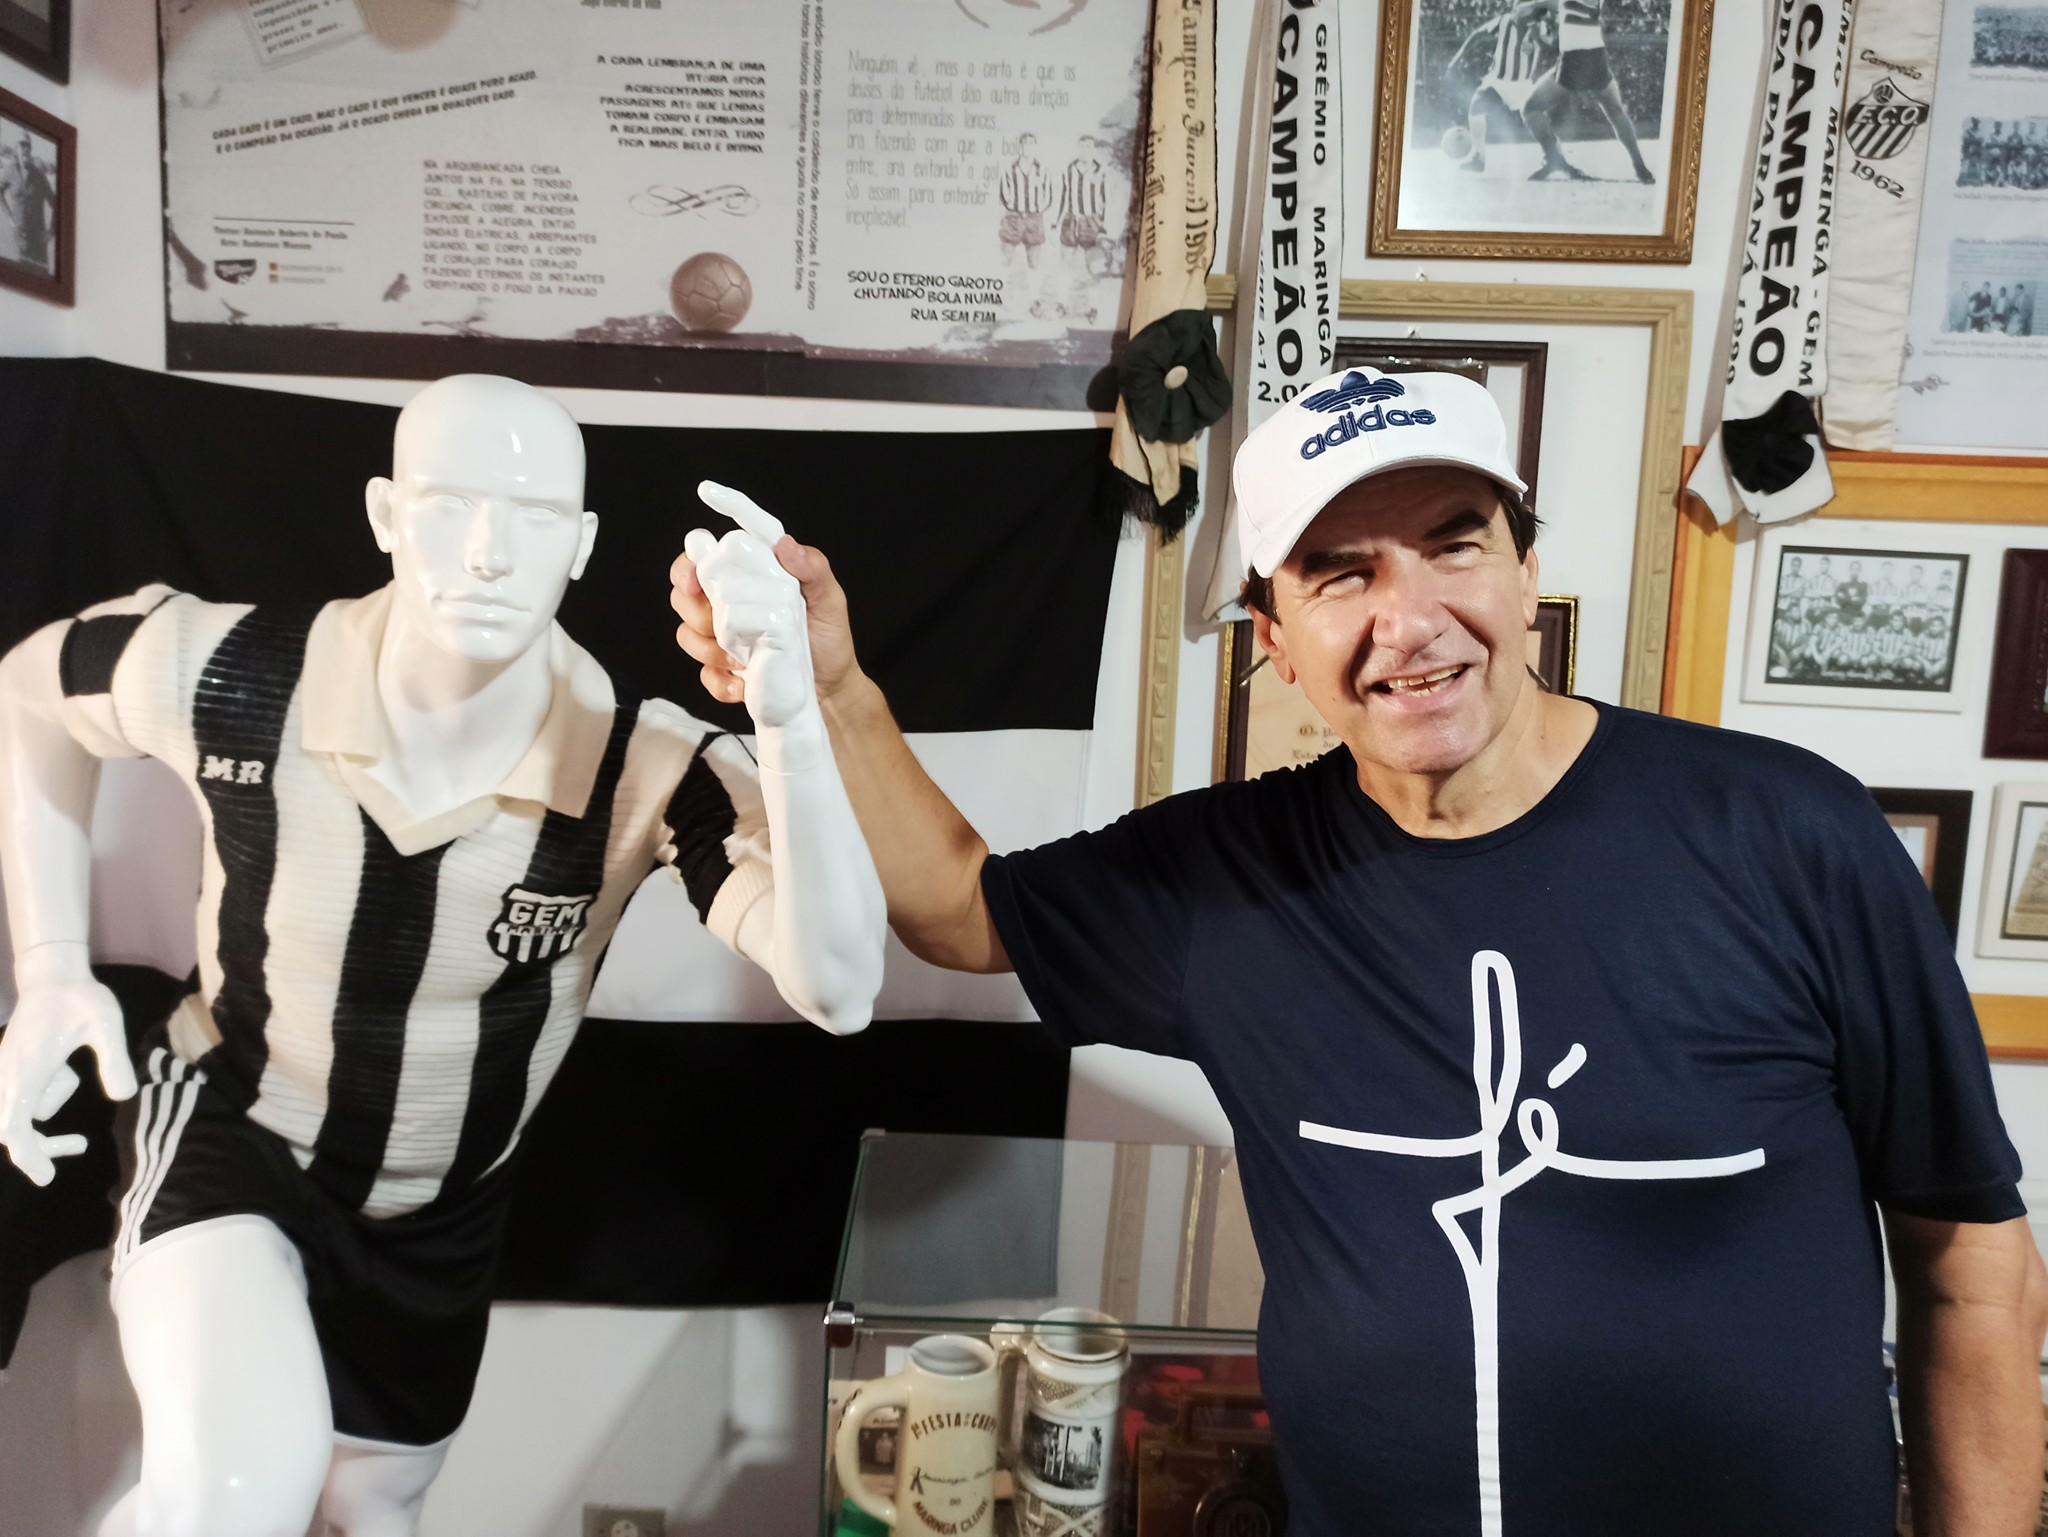 Devanir Marion doa antigo material impresso do Grêmio Maringá ao Museu Esportivo